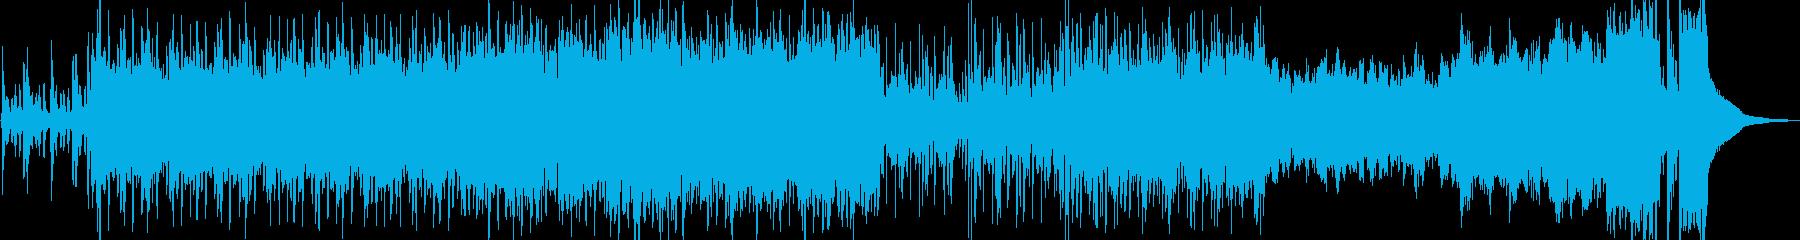 大河時代劇BGMオーケストラナレーションの再生済みの波形